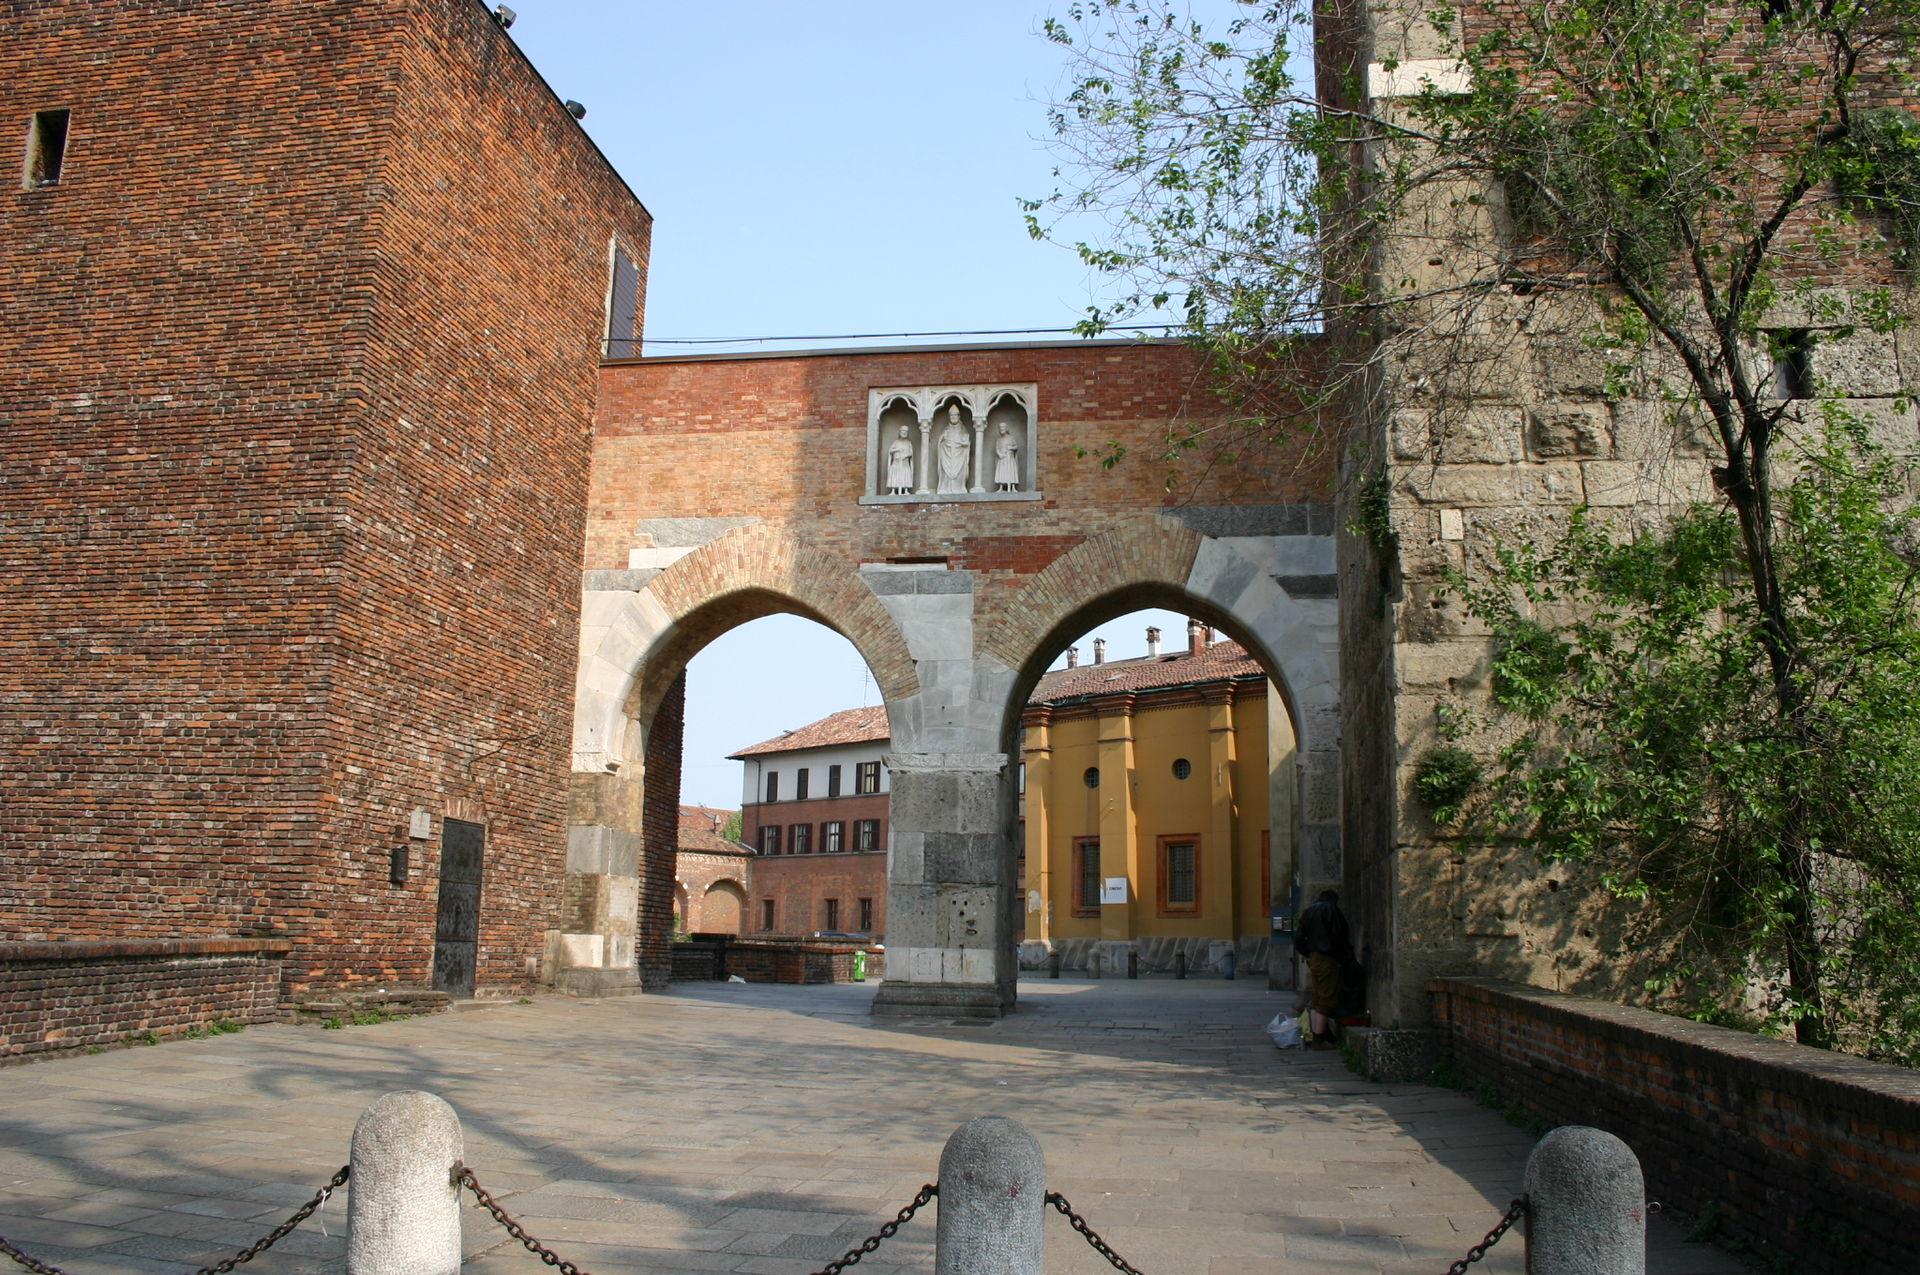 Pusterla di sant 39 ambrogio wikipedia for Porte milano